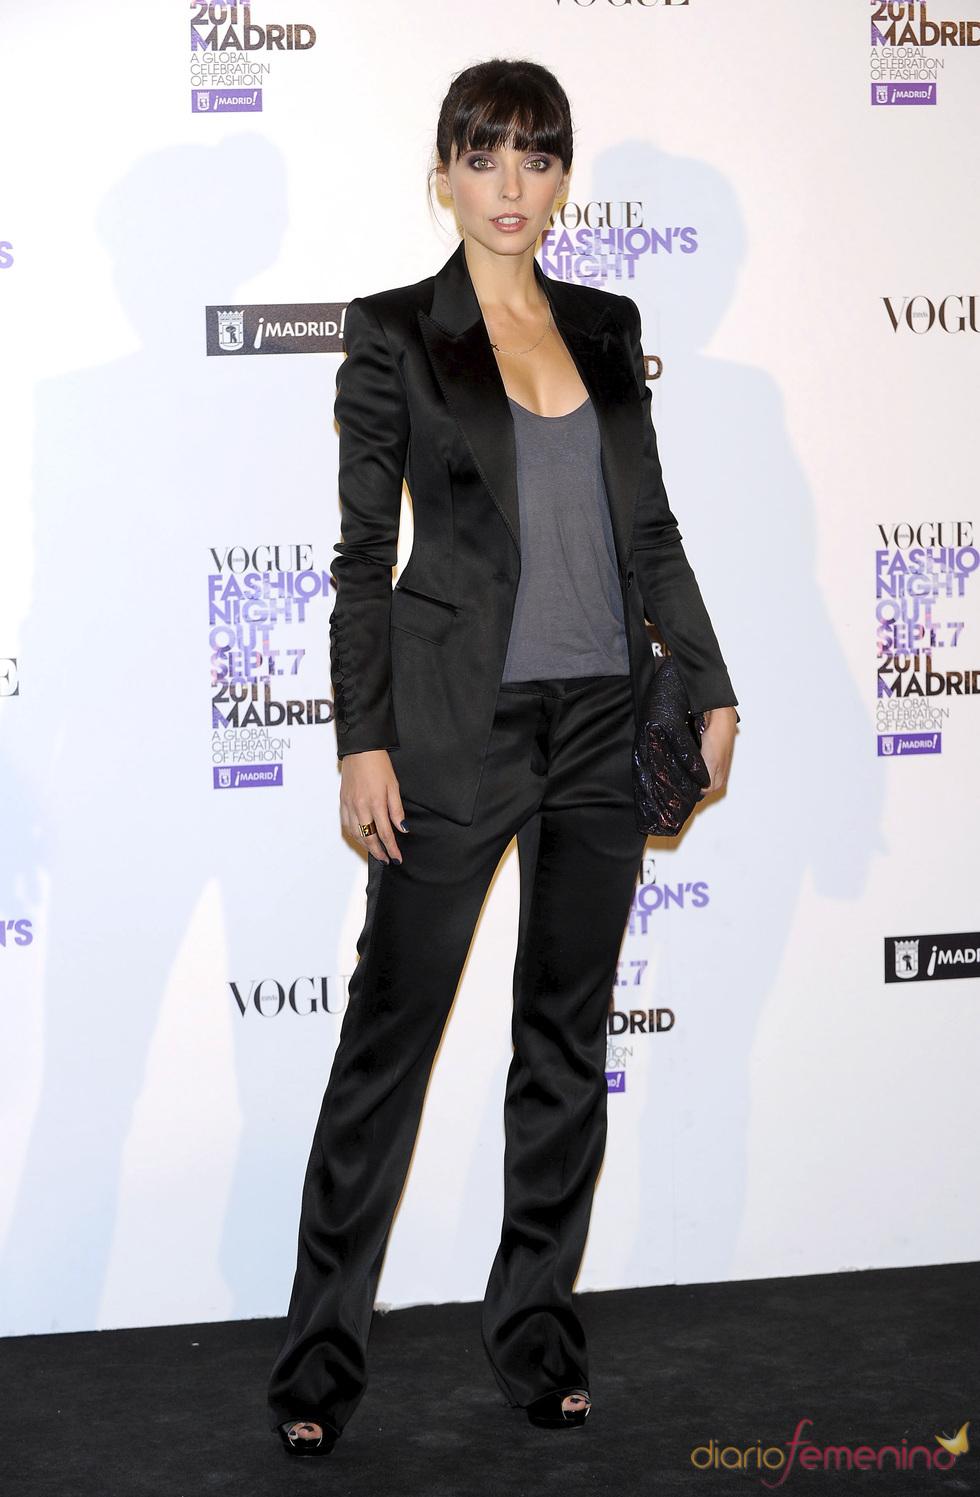 Leticia Dolera durante la Vogue Fashion Night Out Madrid 2011